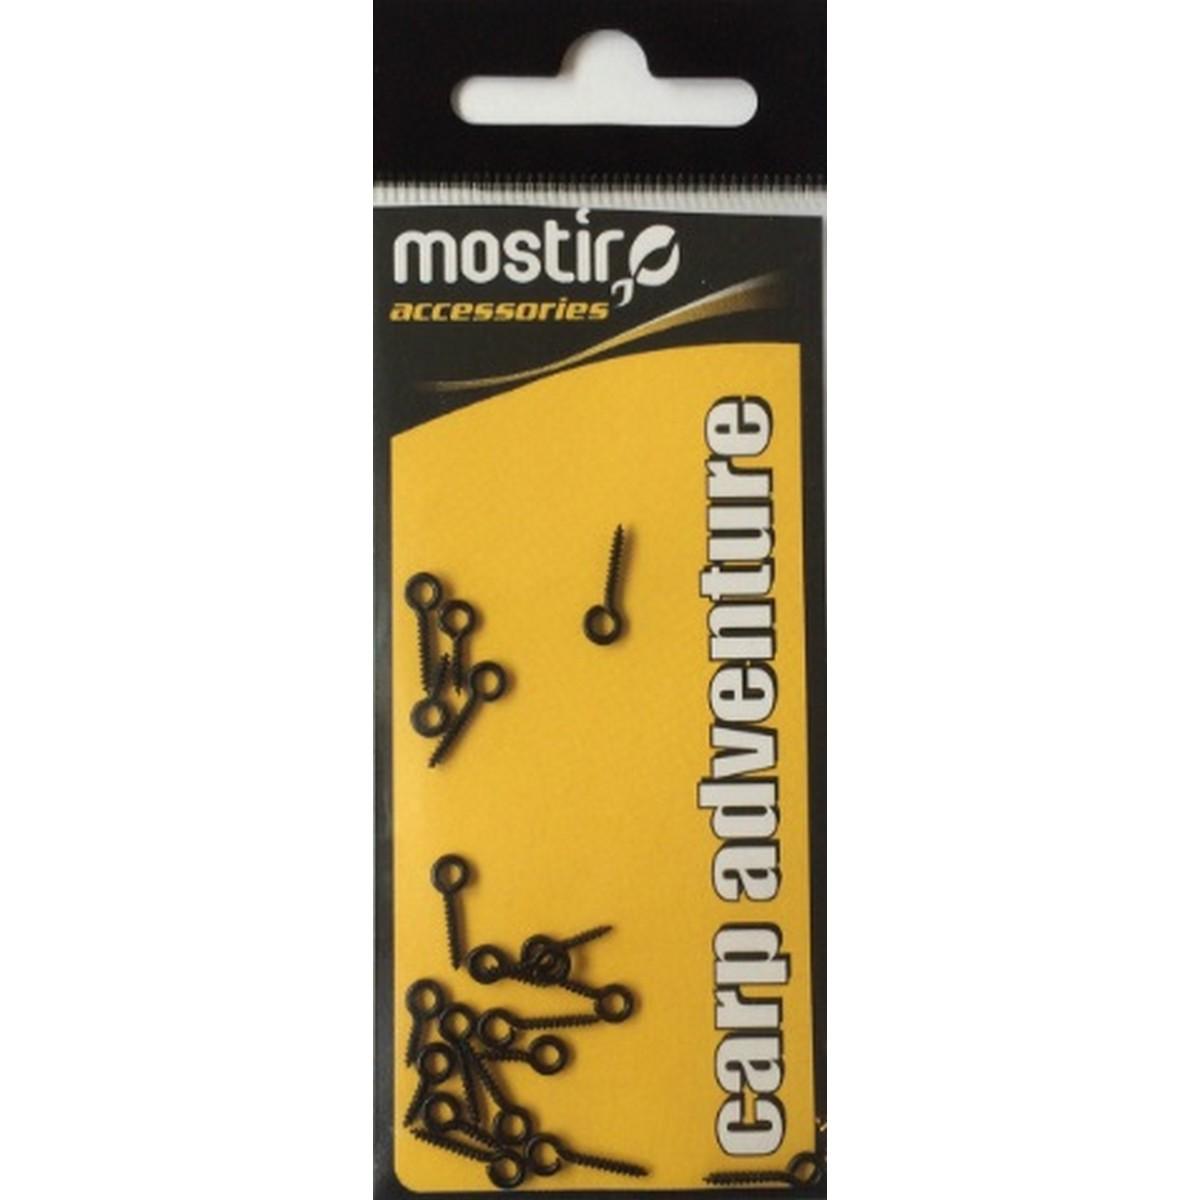 Винт за шаранджийски монтажи Mostiro 4222MS